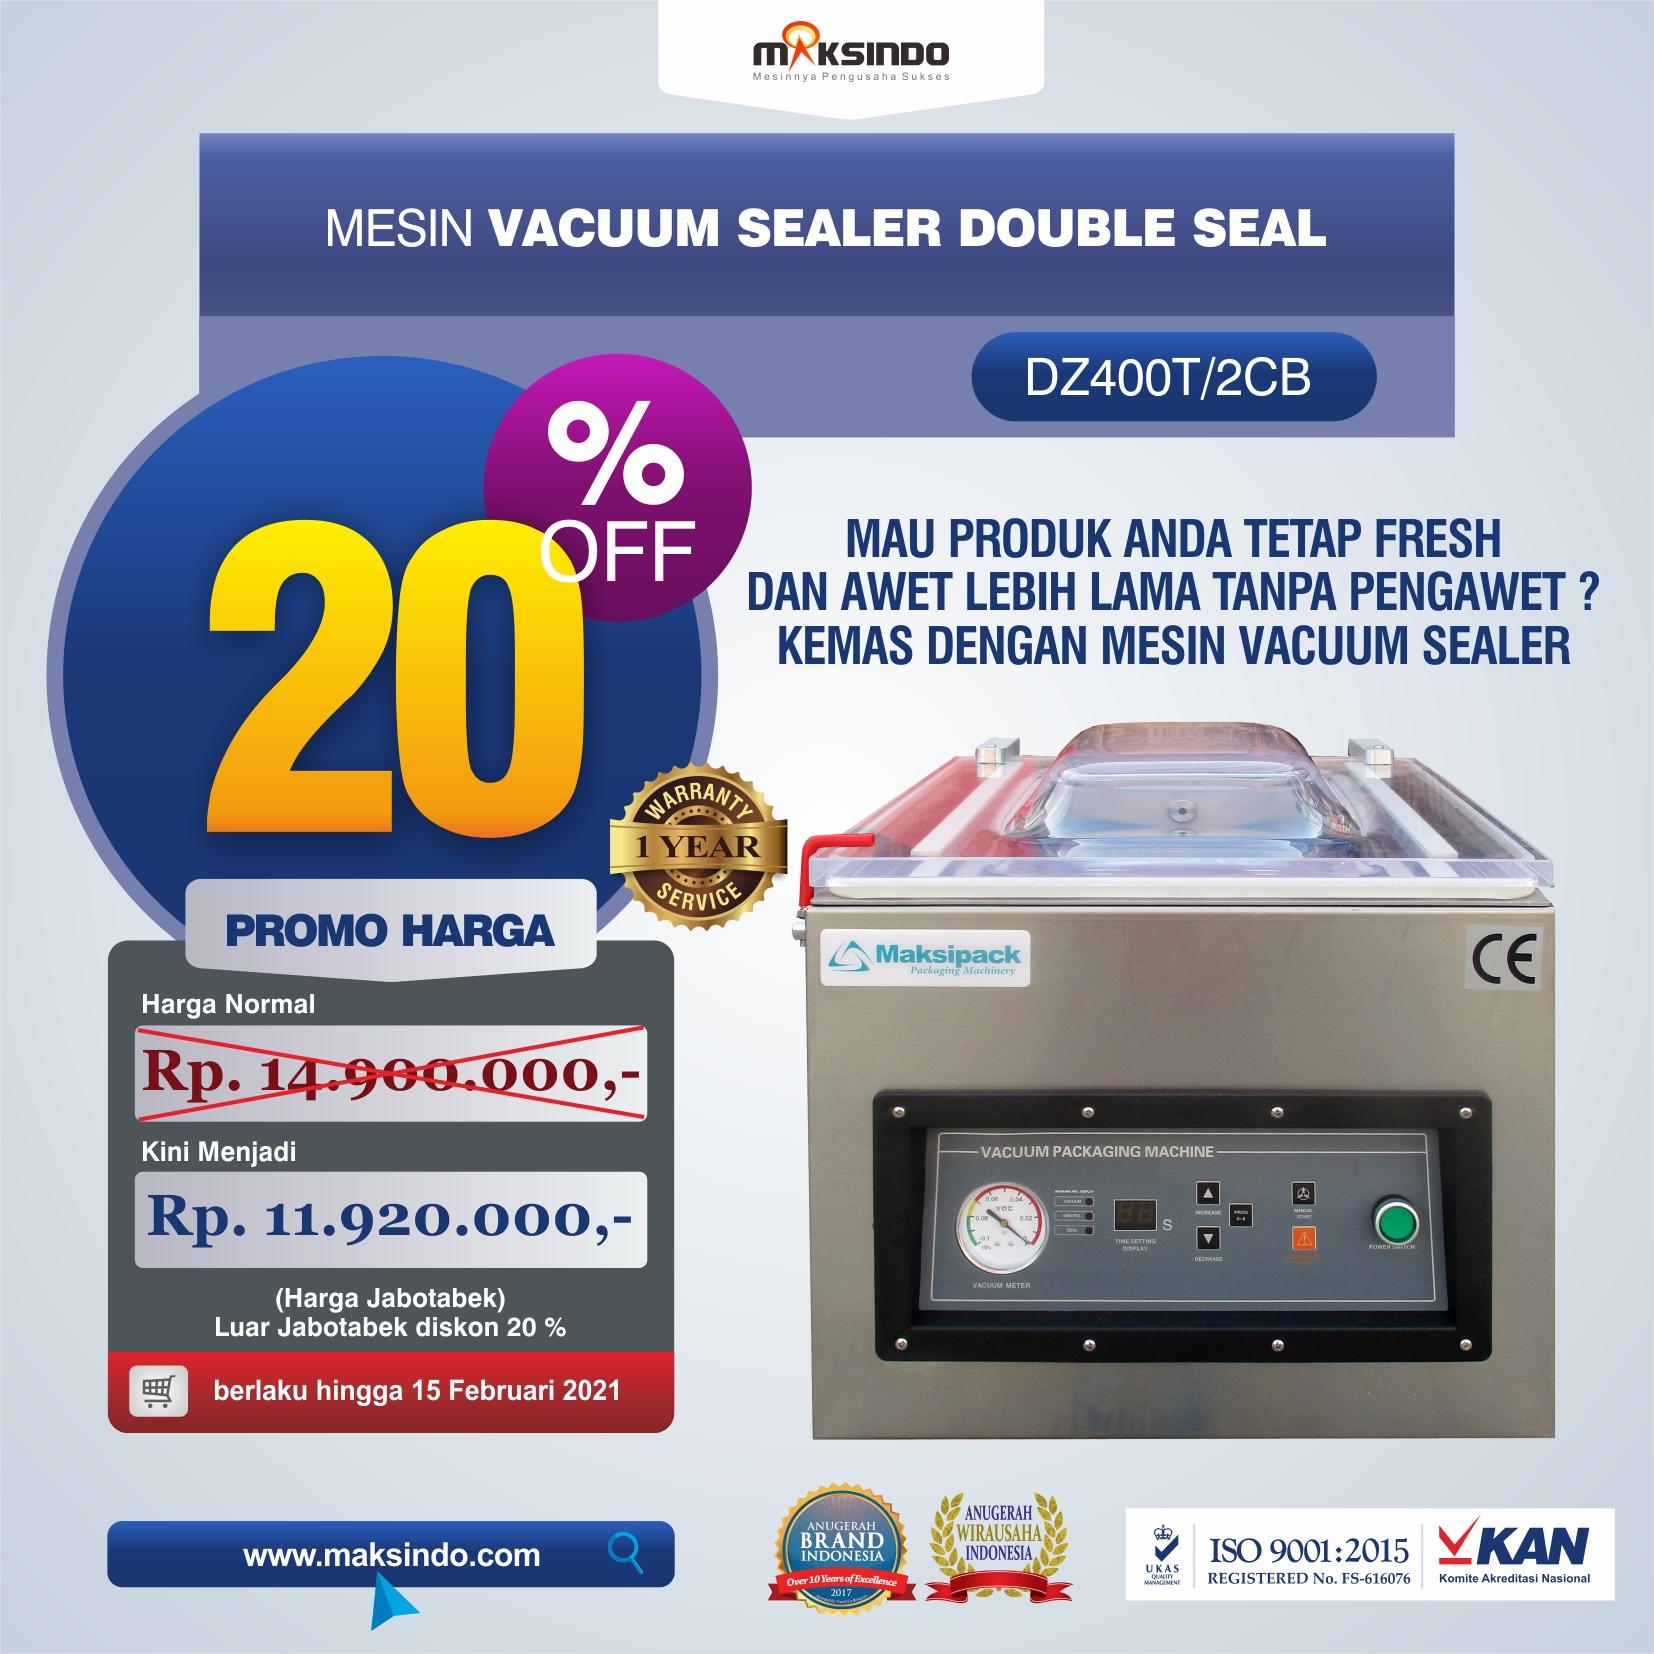 Jual Vacuum Sealer Double Seal DZ400T/2CB di Bekasi